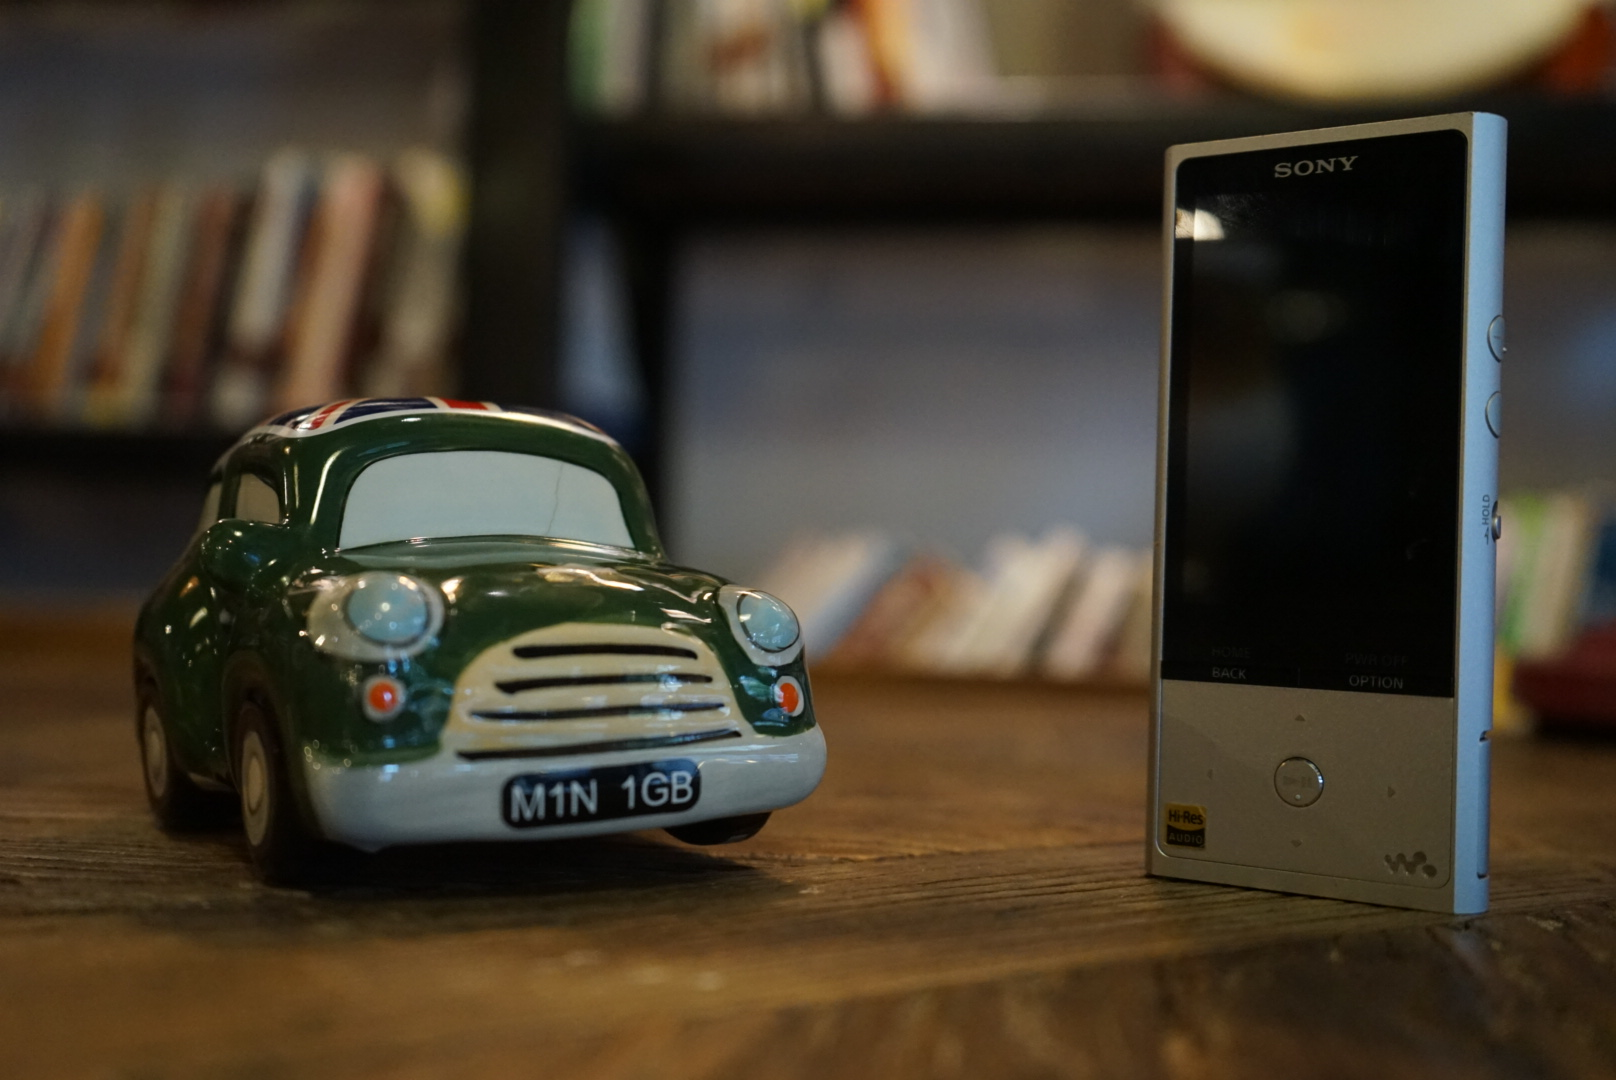 对于数码设备的演进来说,Walkman的未来及市场空间可能令人担忧,要知道曾经与之对标的苹果iPod classic产品线已经超过三年没有更新,但索尼依然按照自己的节奏从容地更新着自家的Walkman系列,对于音乐发烧友来说是一大幸事。